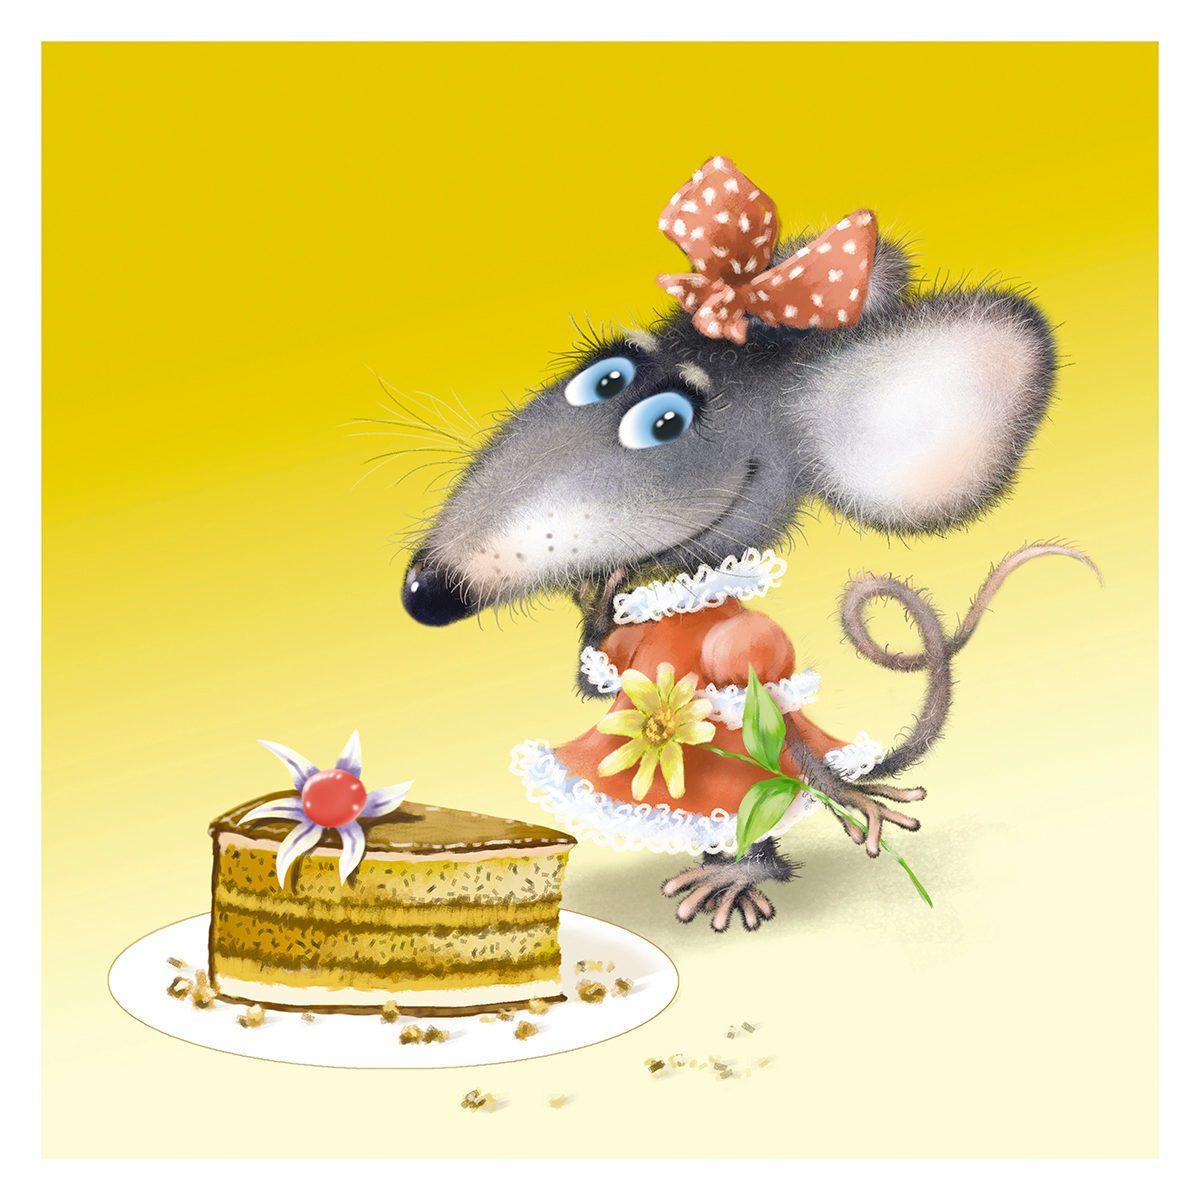 Открытка талисман года крыса